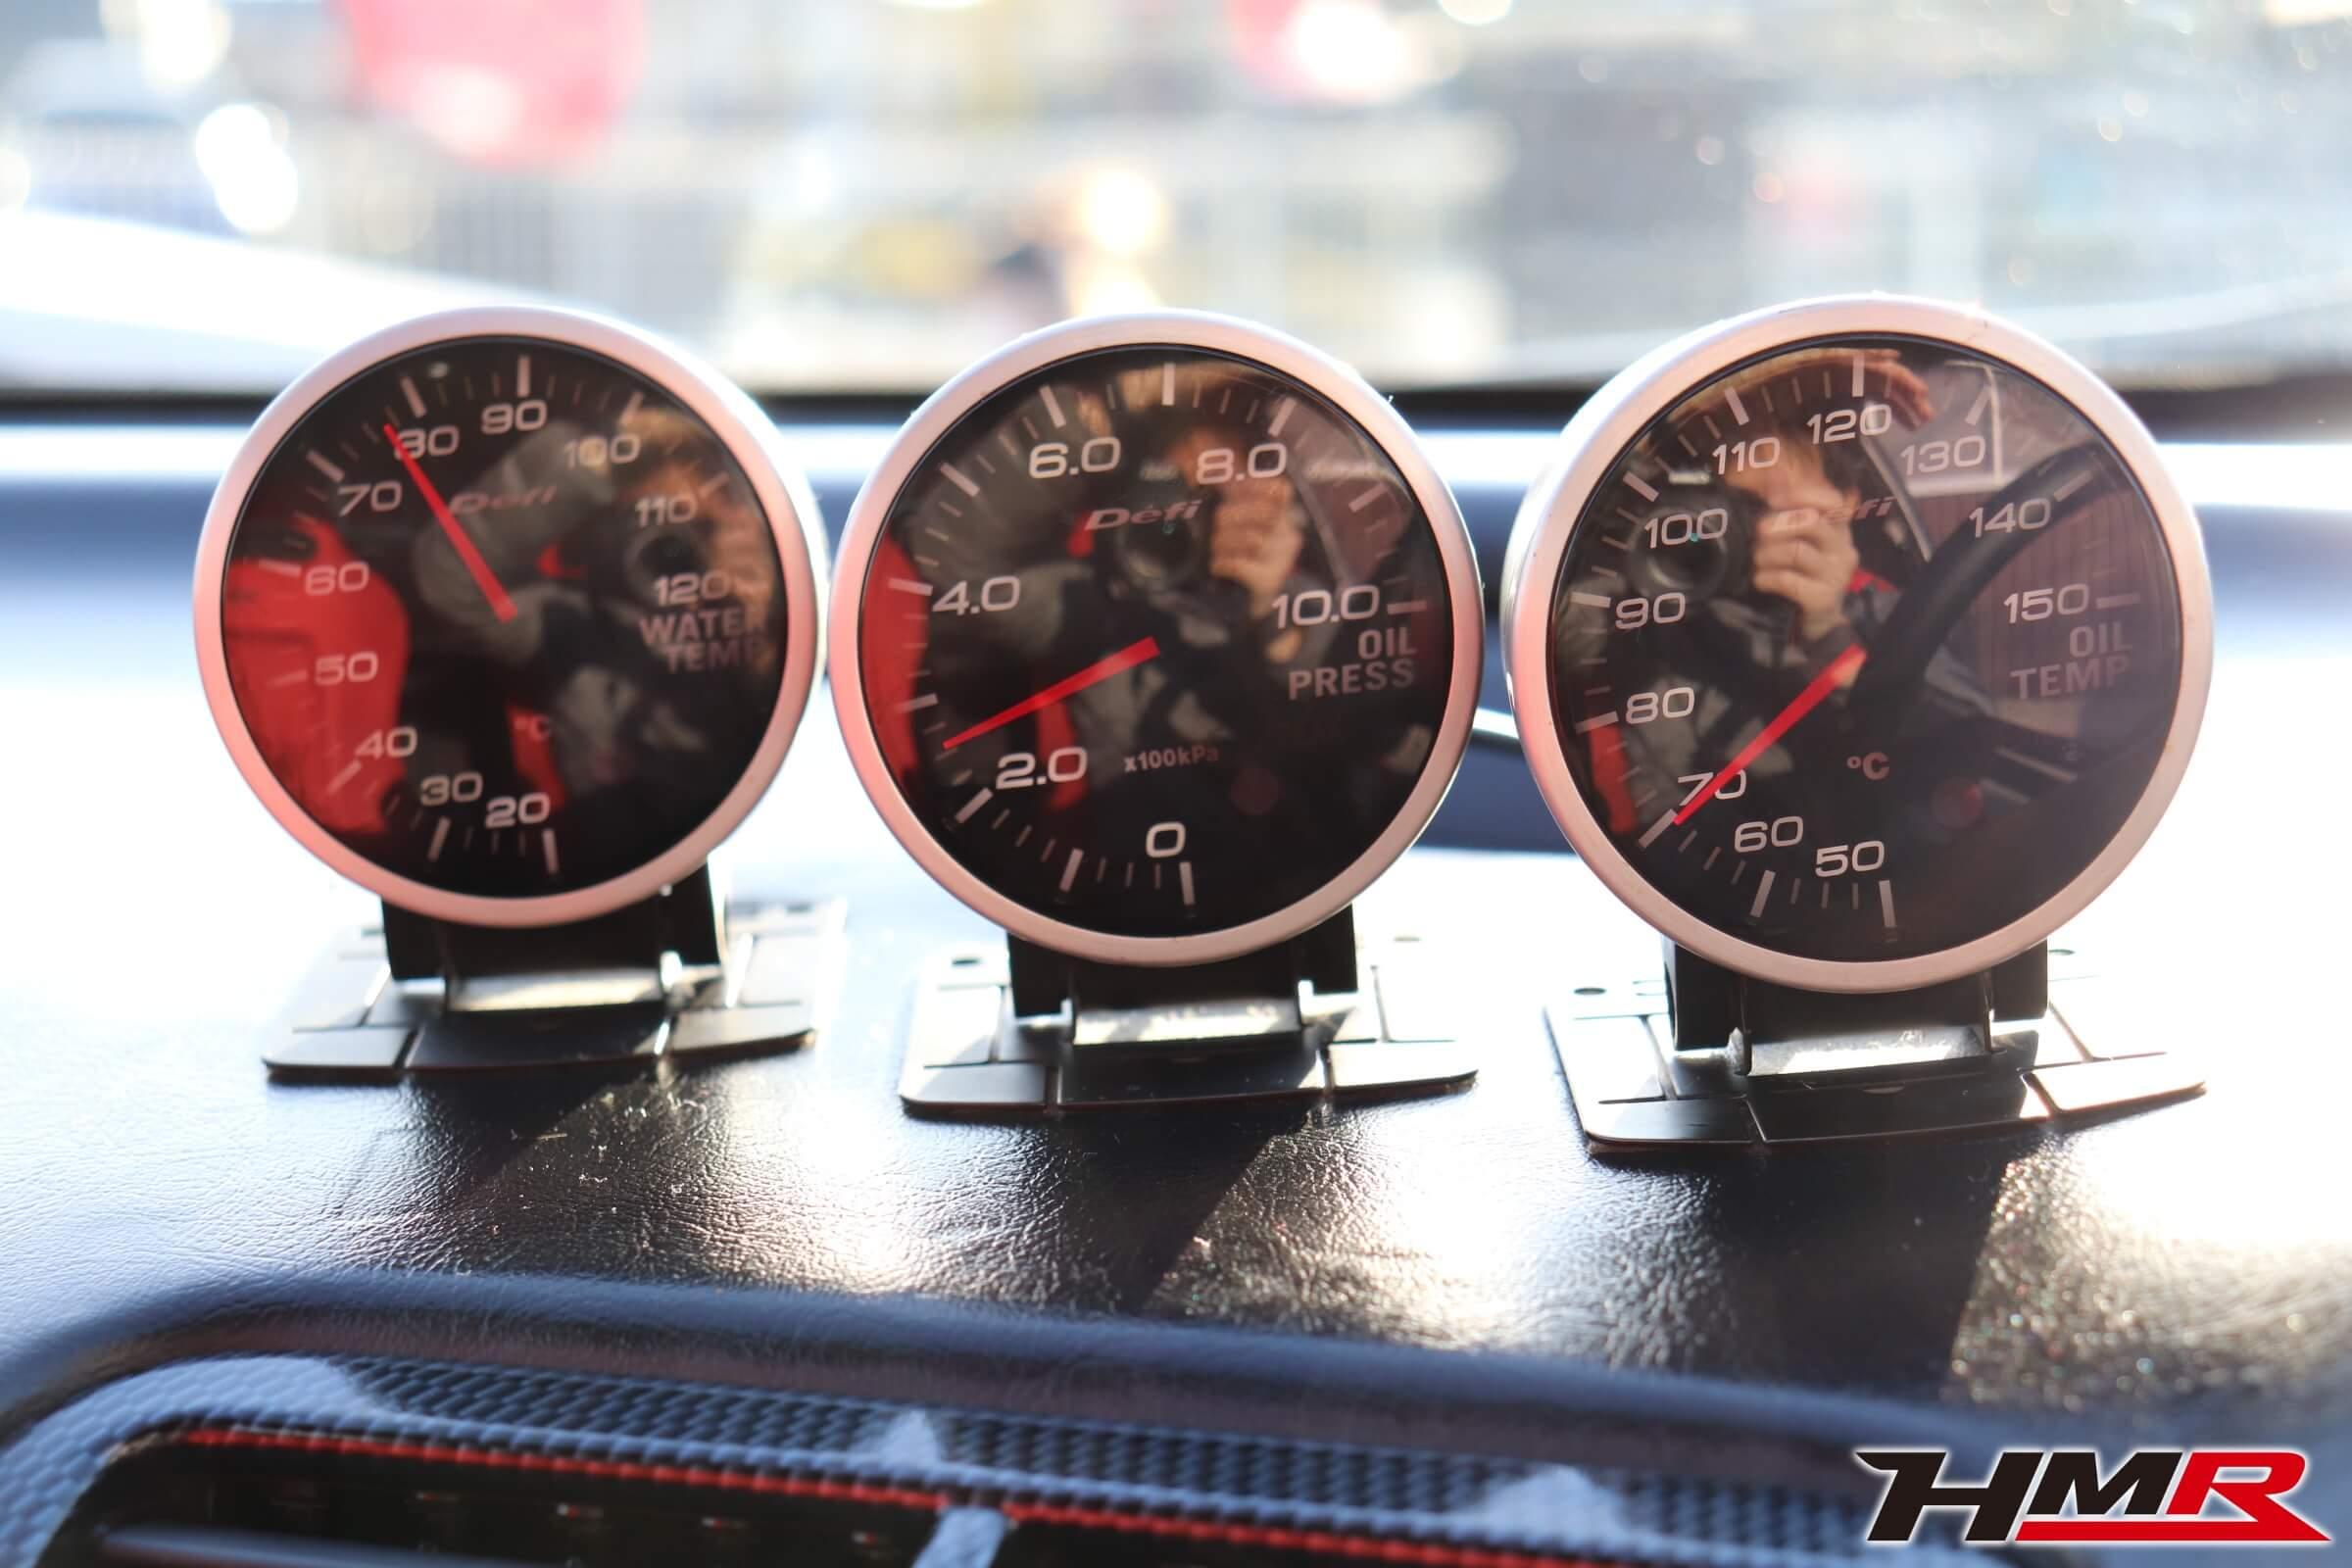 インテグラタイプR(DC2)Defi水温・油温・油圧計